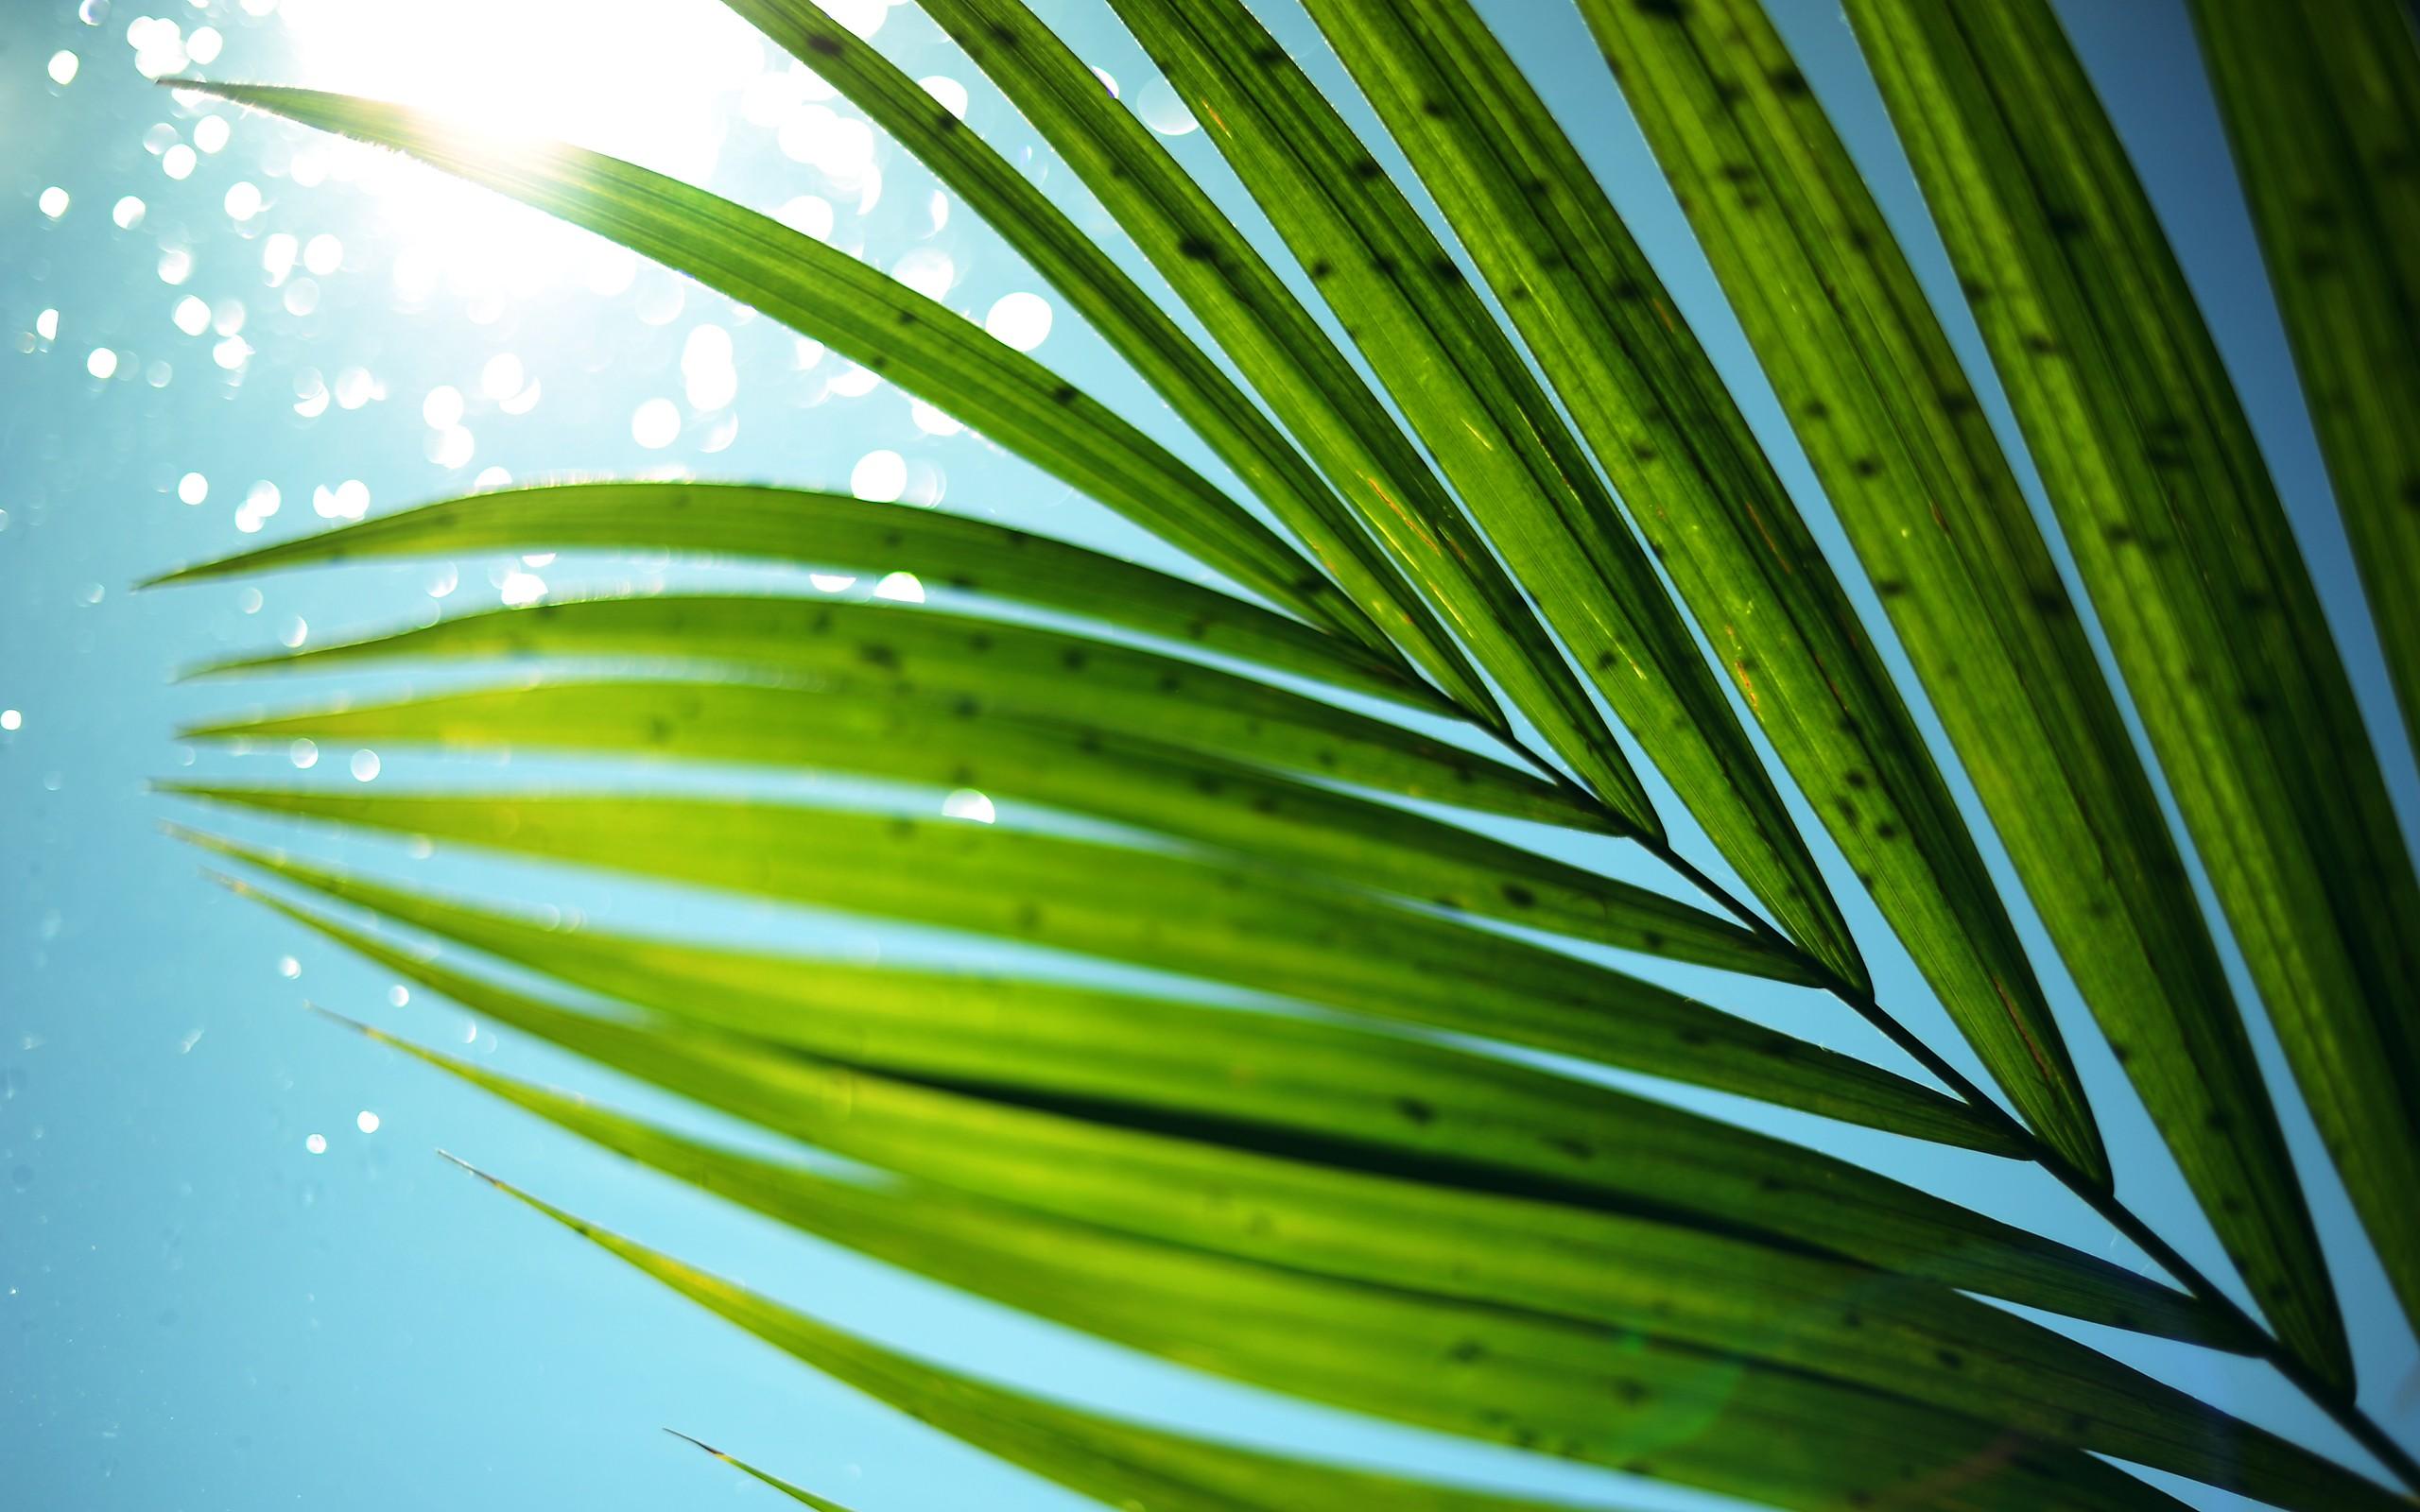 Majestisc Palm Tree Leaf widescreen wallpaper Wide WallpapersNET 2560x1600